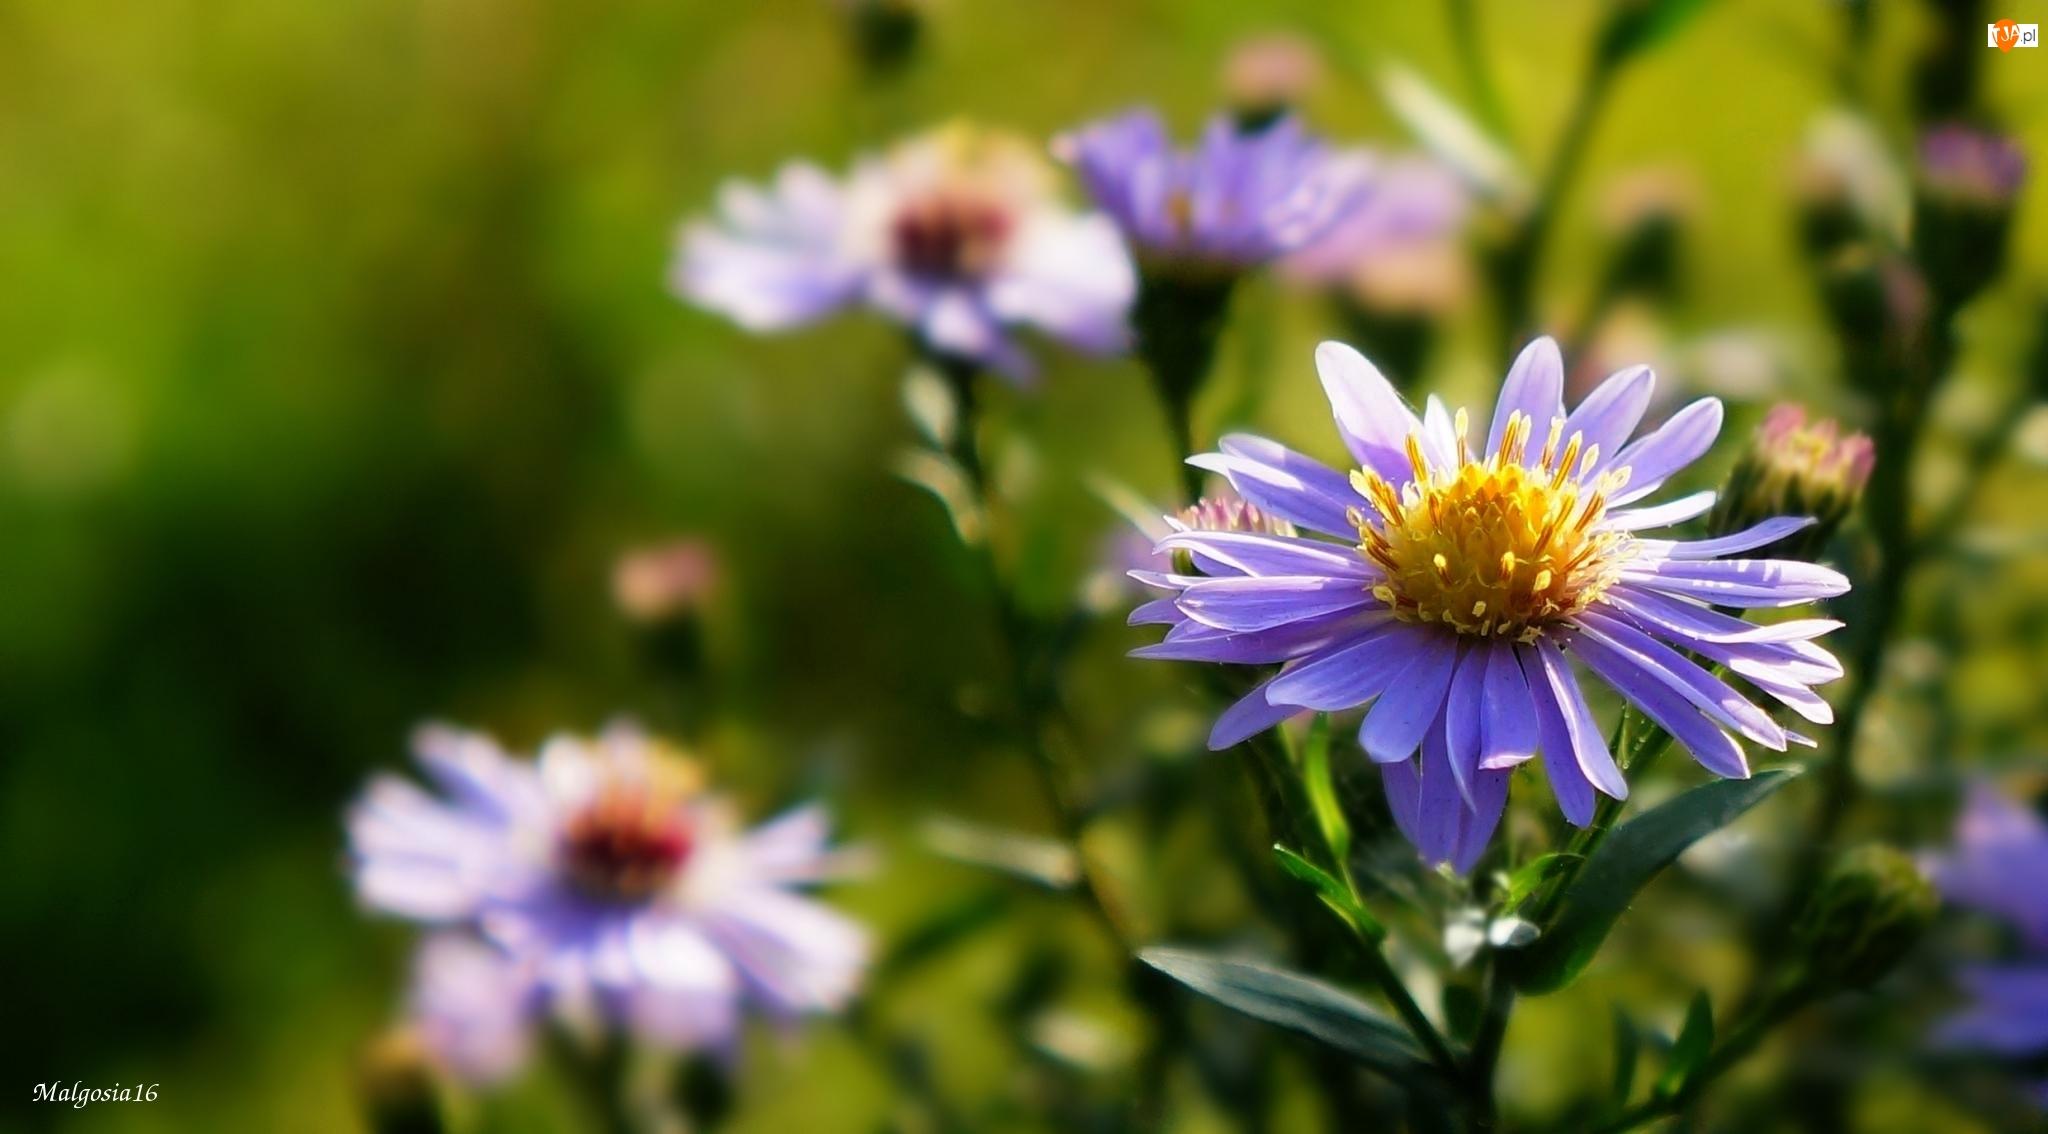 Astry marcinki, Fioletowe, Kwiaty